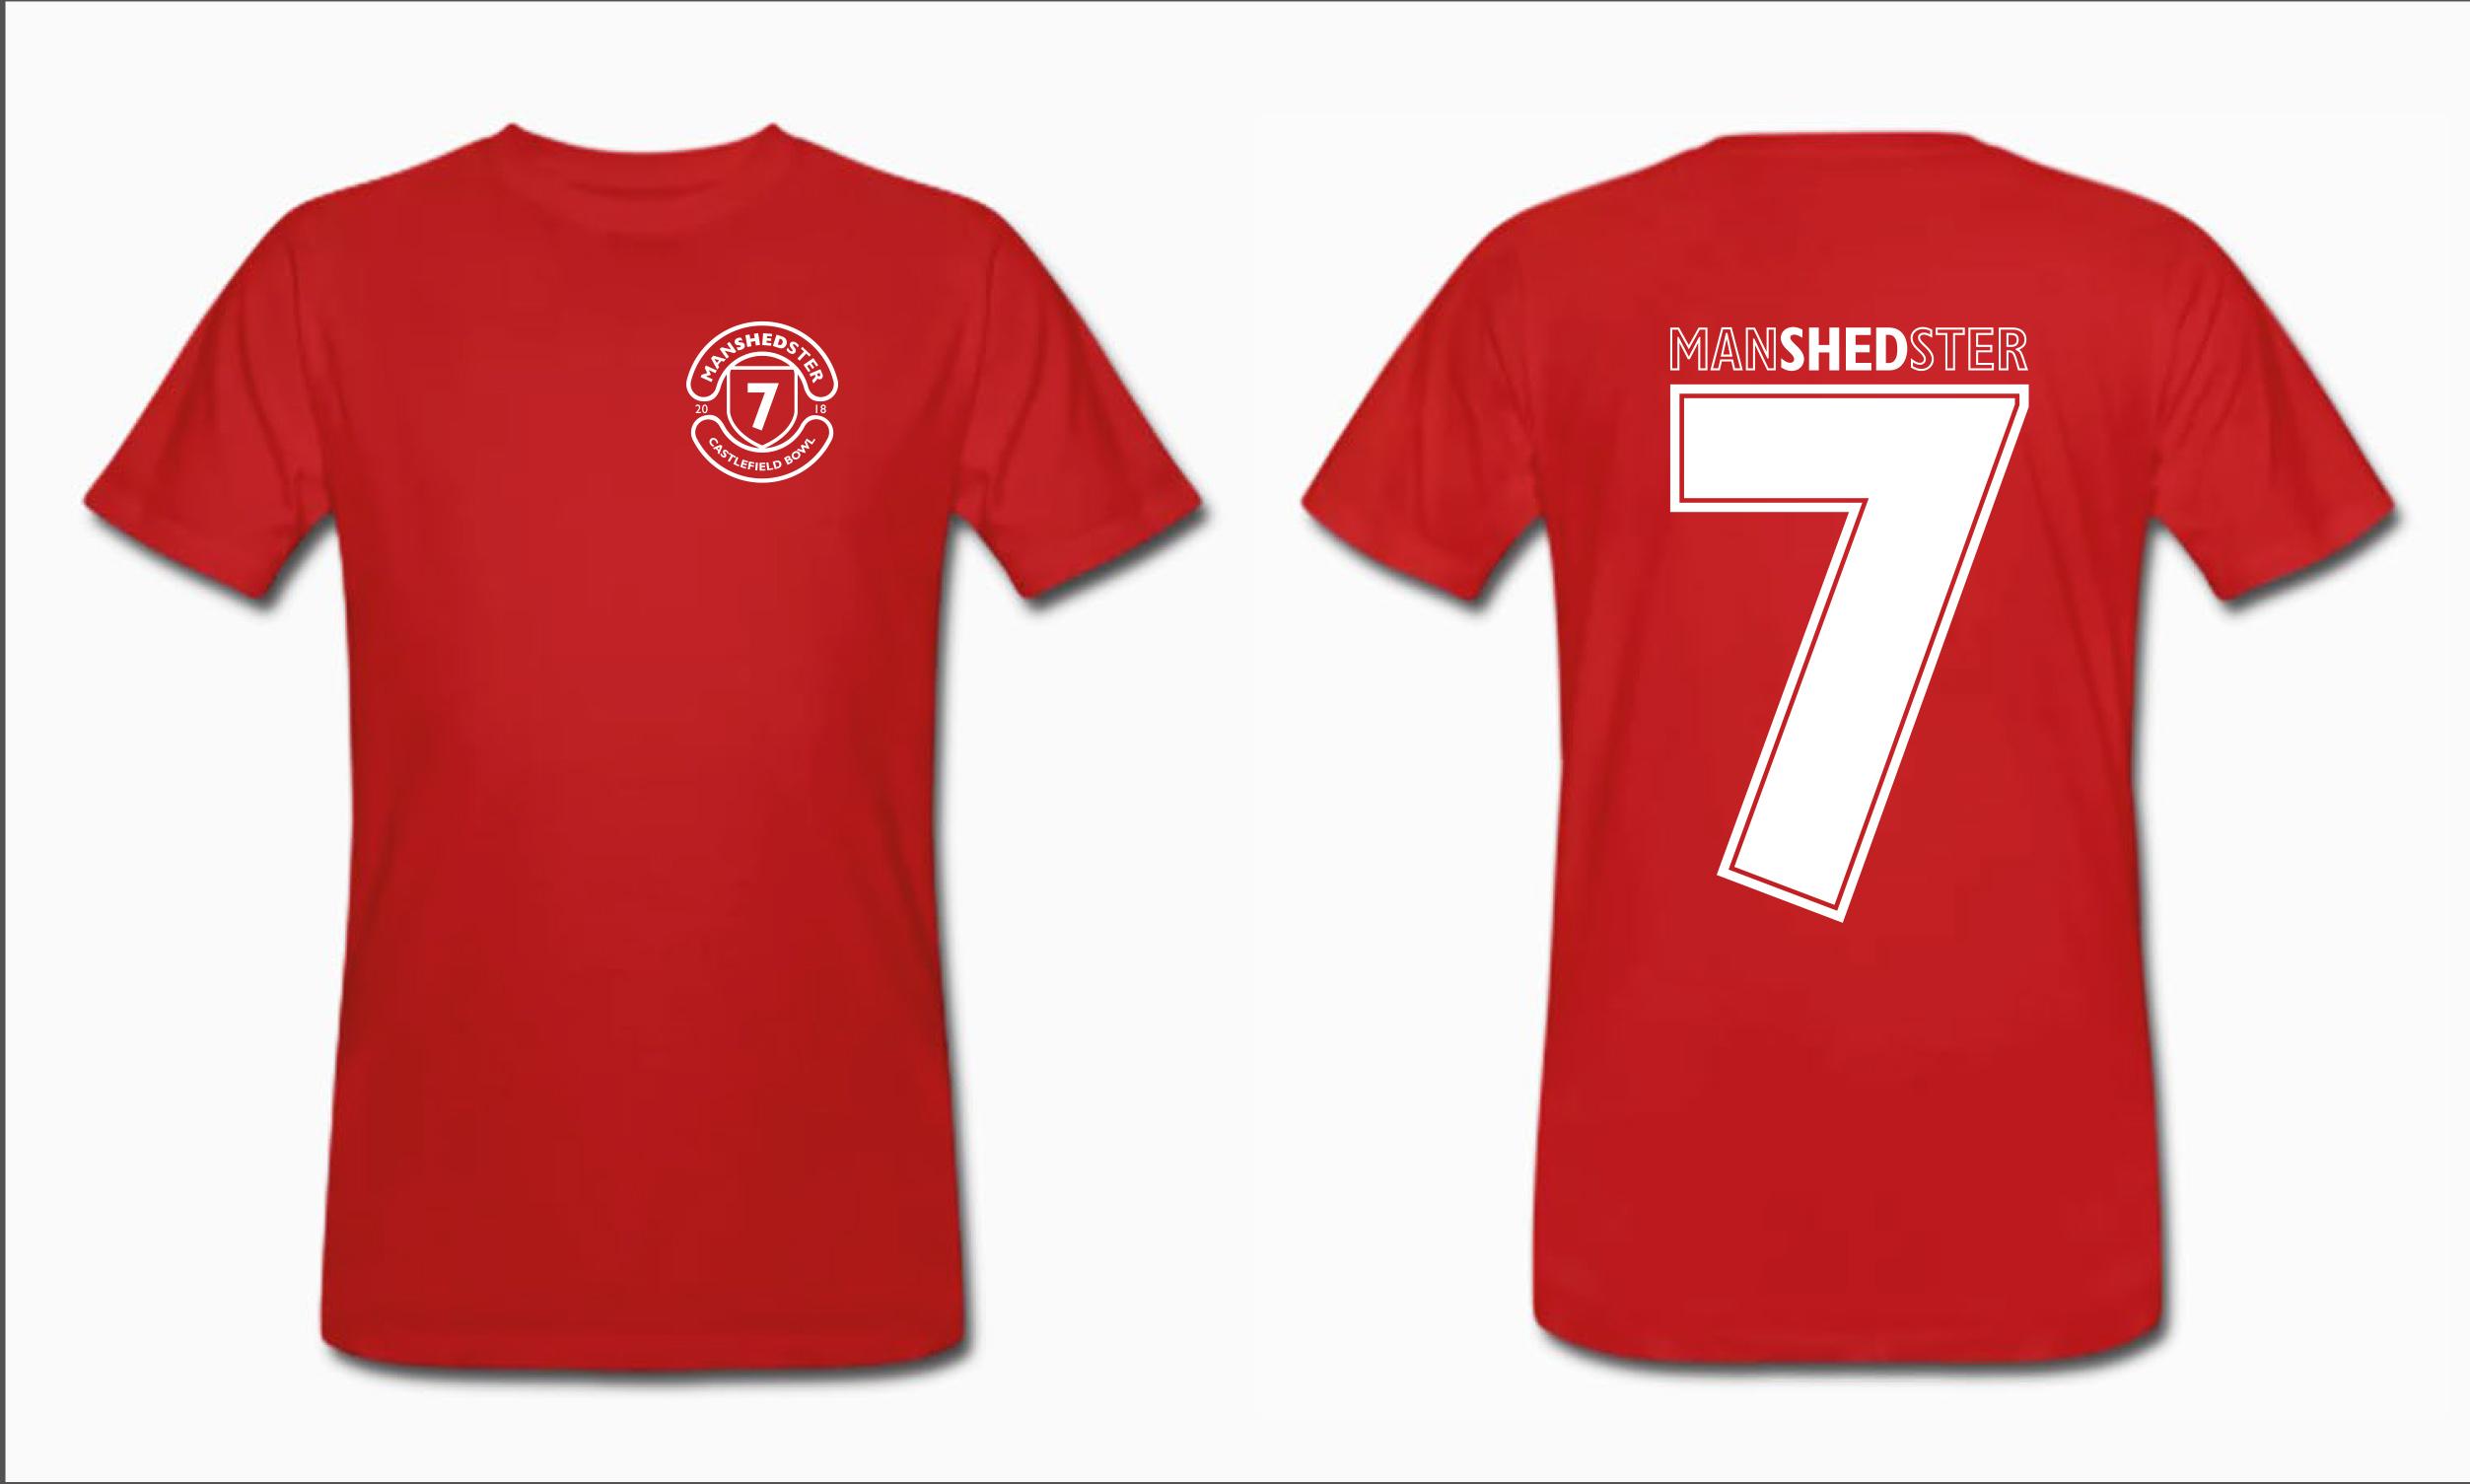 Manshedster United T-Shirt - Shed Seven